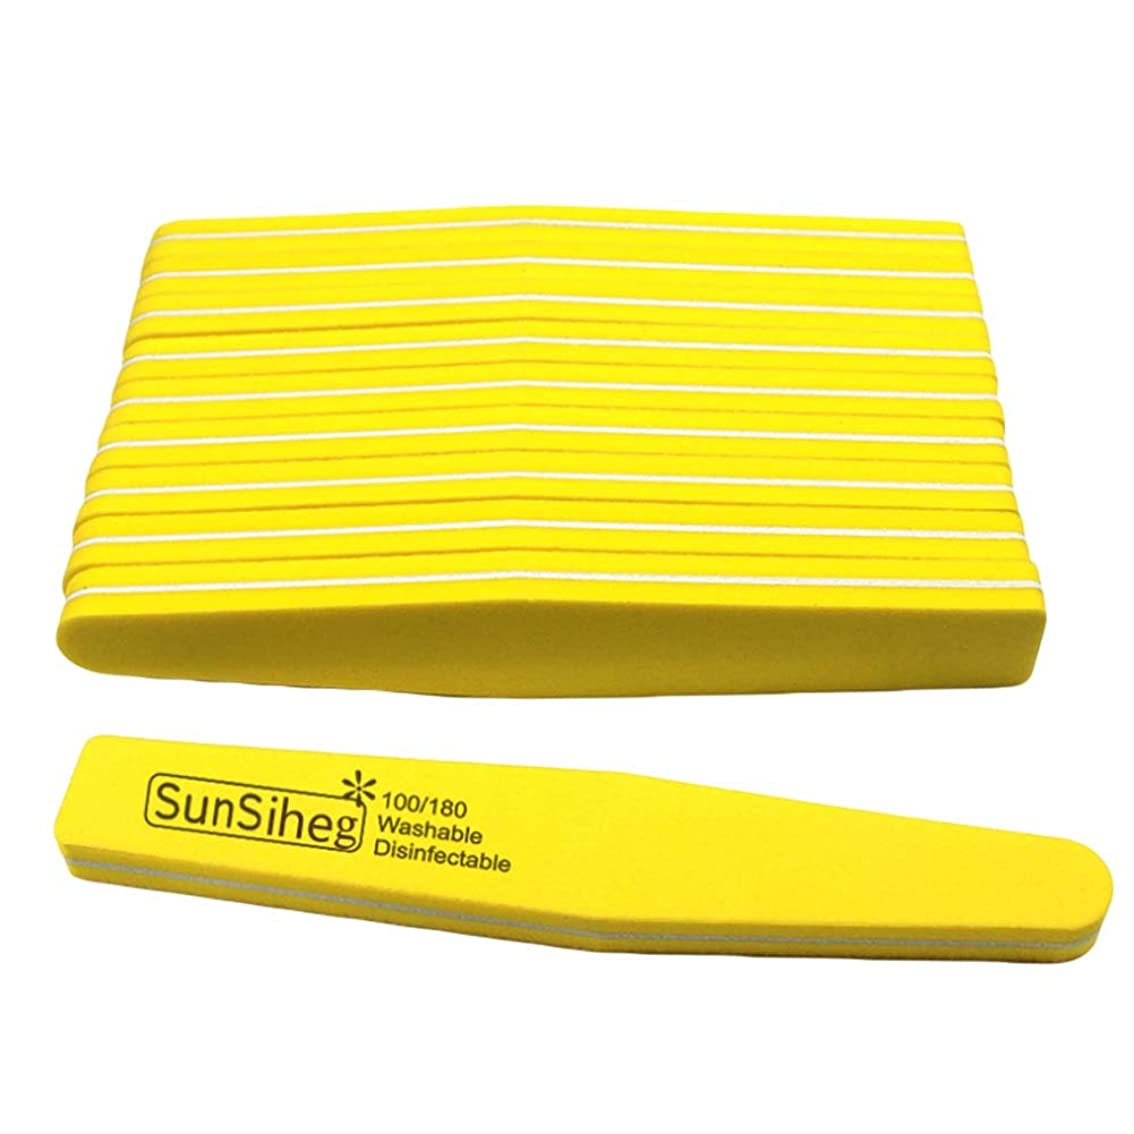 製品暖かさ鋸歯状10個の両面ネイルファイルスポンジネイルファイル